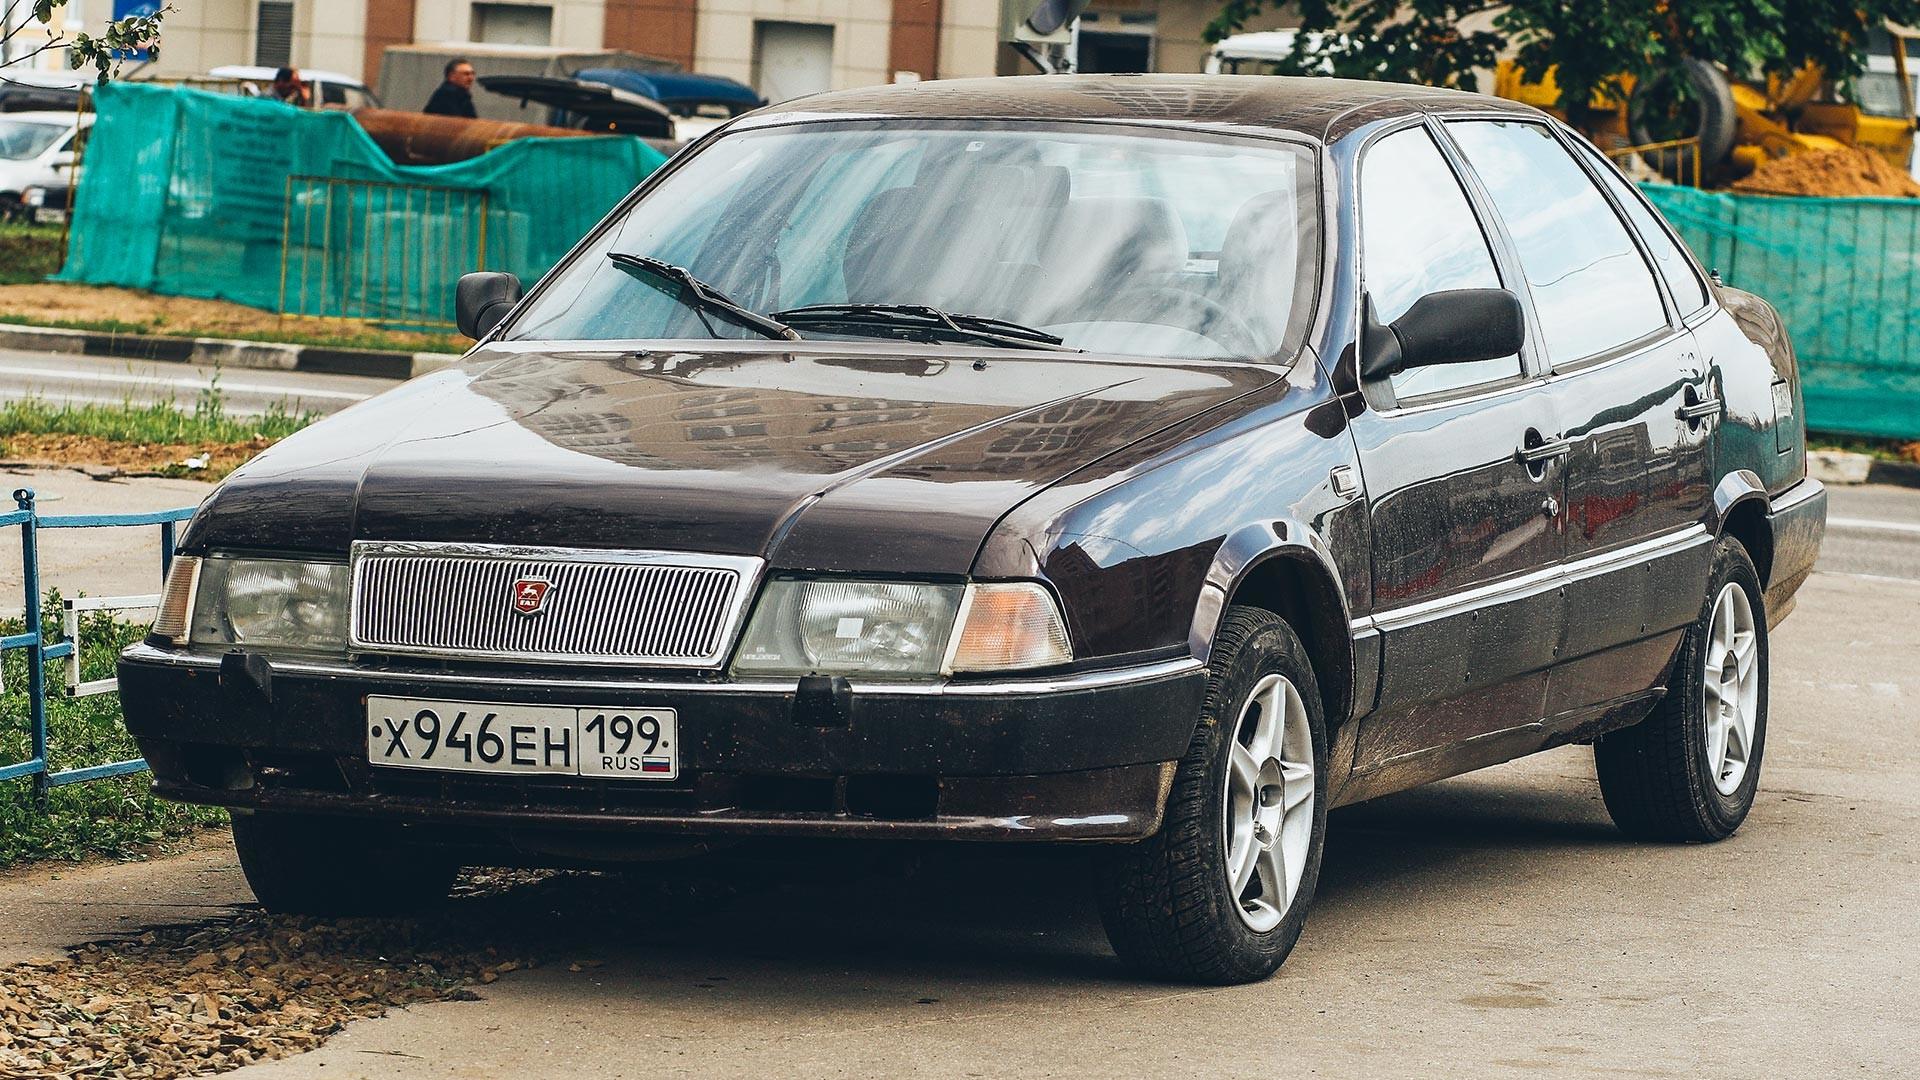 GAZ-3105 Volga